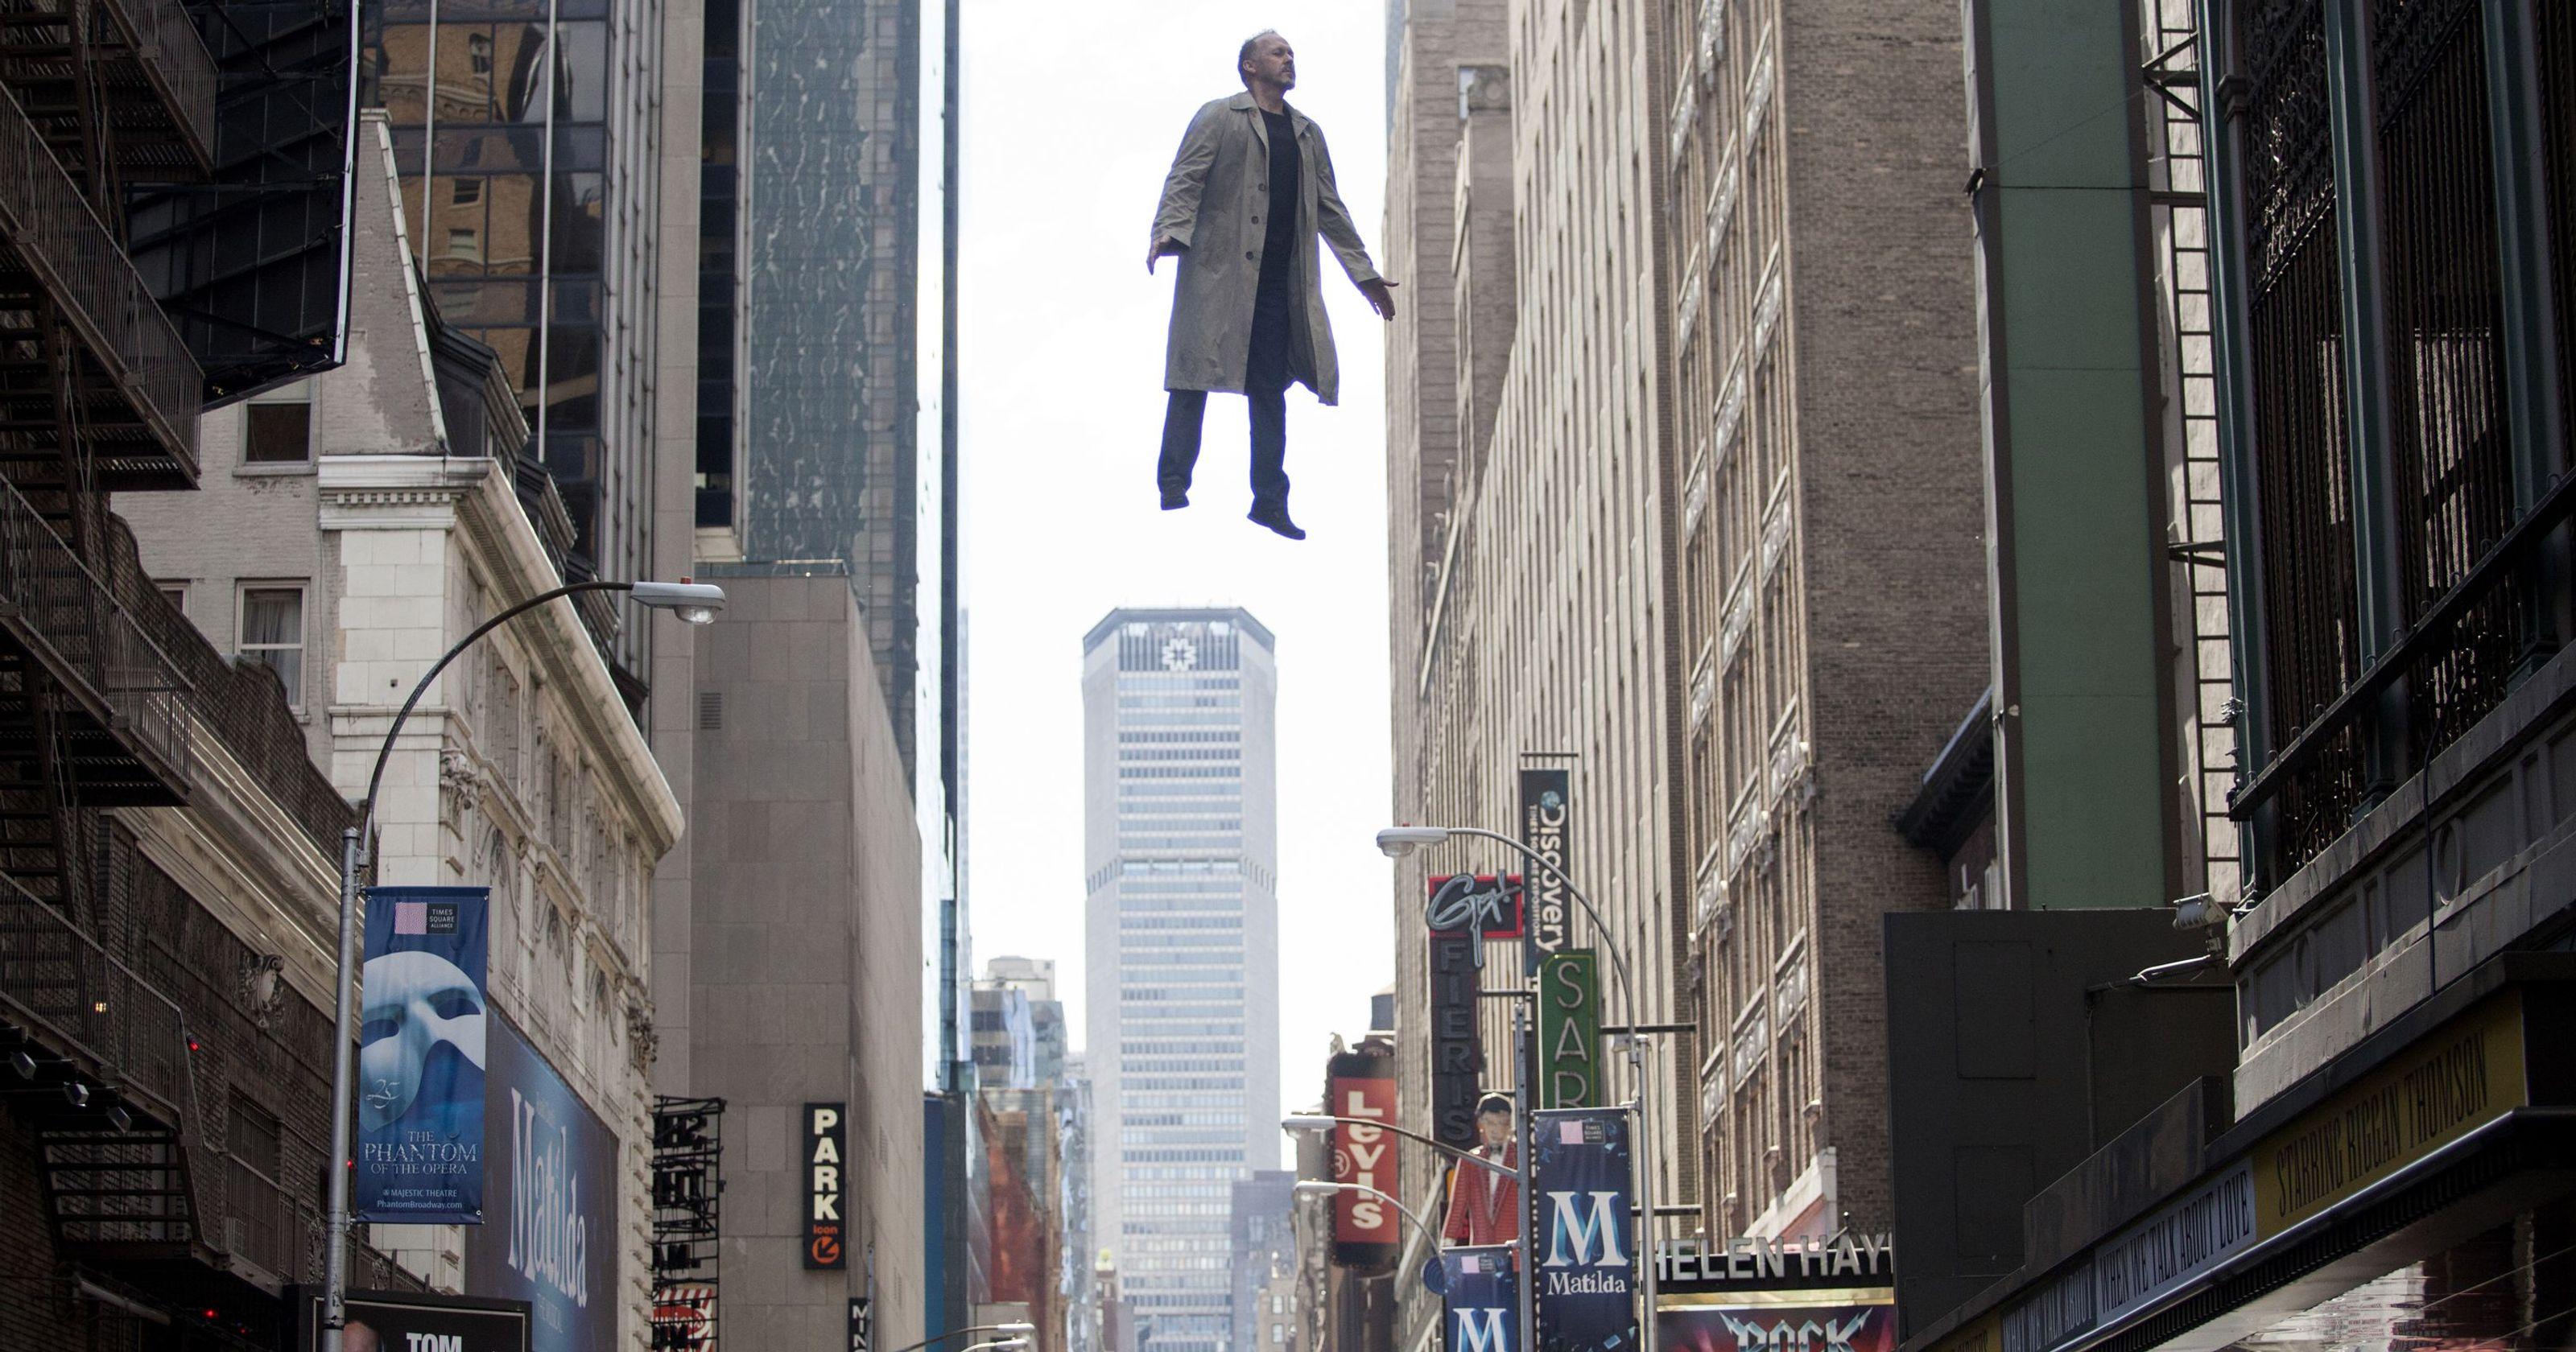 """「バードマン あるいは(無知がもたらす予期せぬ奇跡)」""""Birdman: or (The Unexpected Virtue of Ignorance)""""(2014)"""